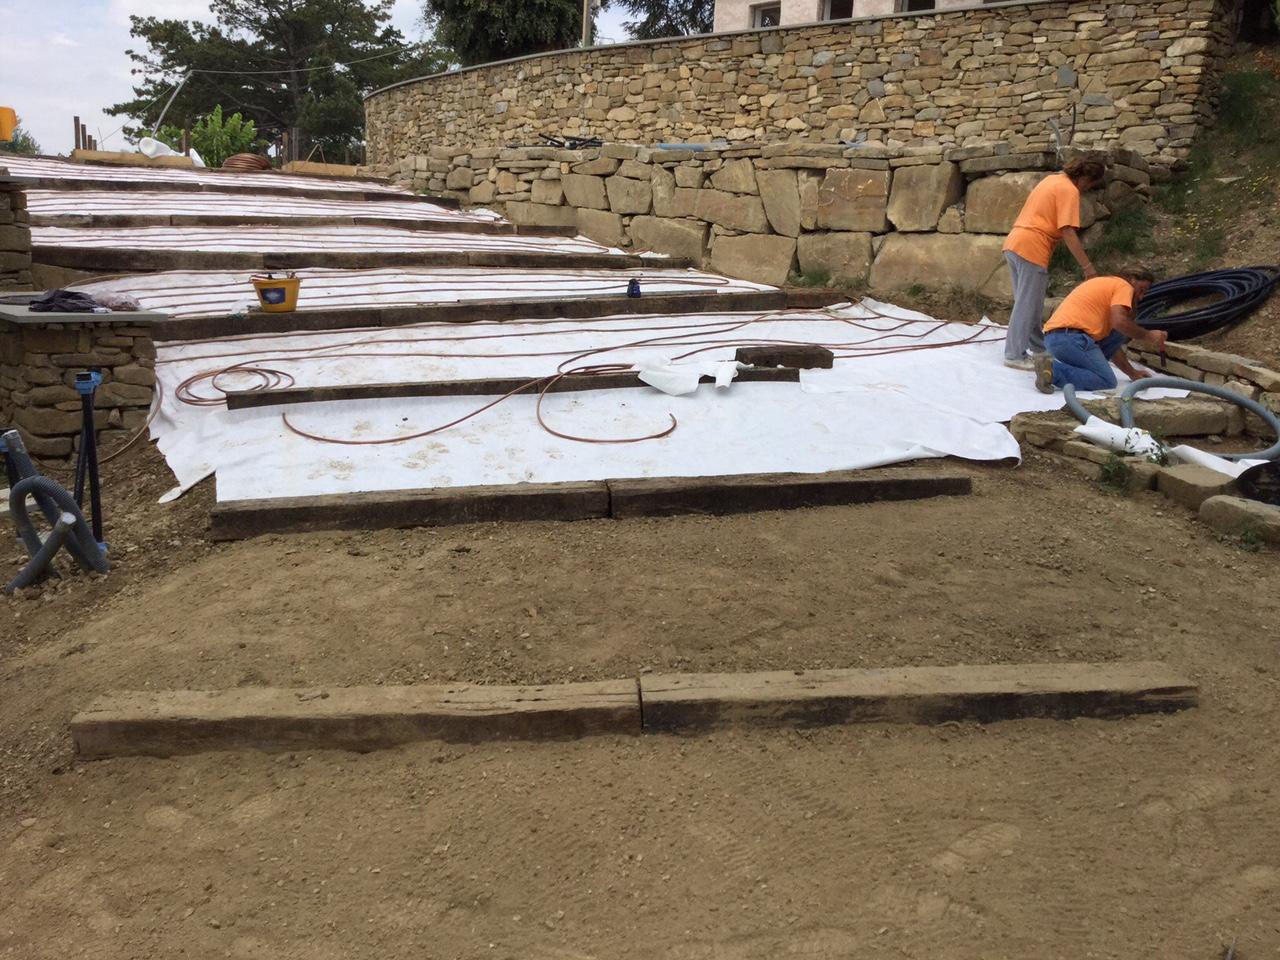 Sistemi d 39 irrigazione per giardini servizi sopra il muro for Sistemi di irrigazione giardino